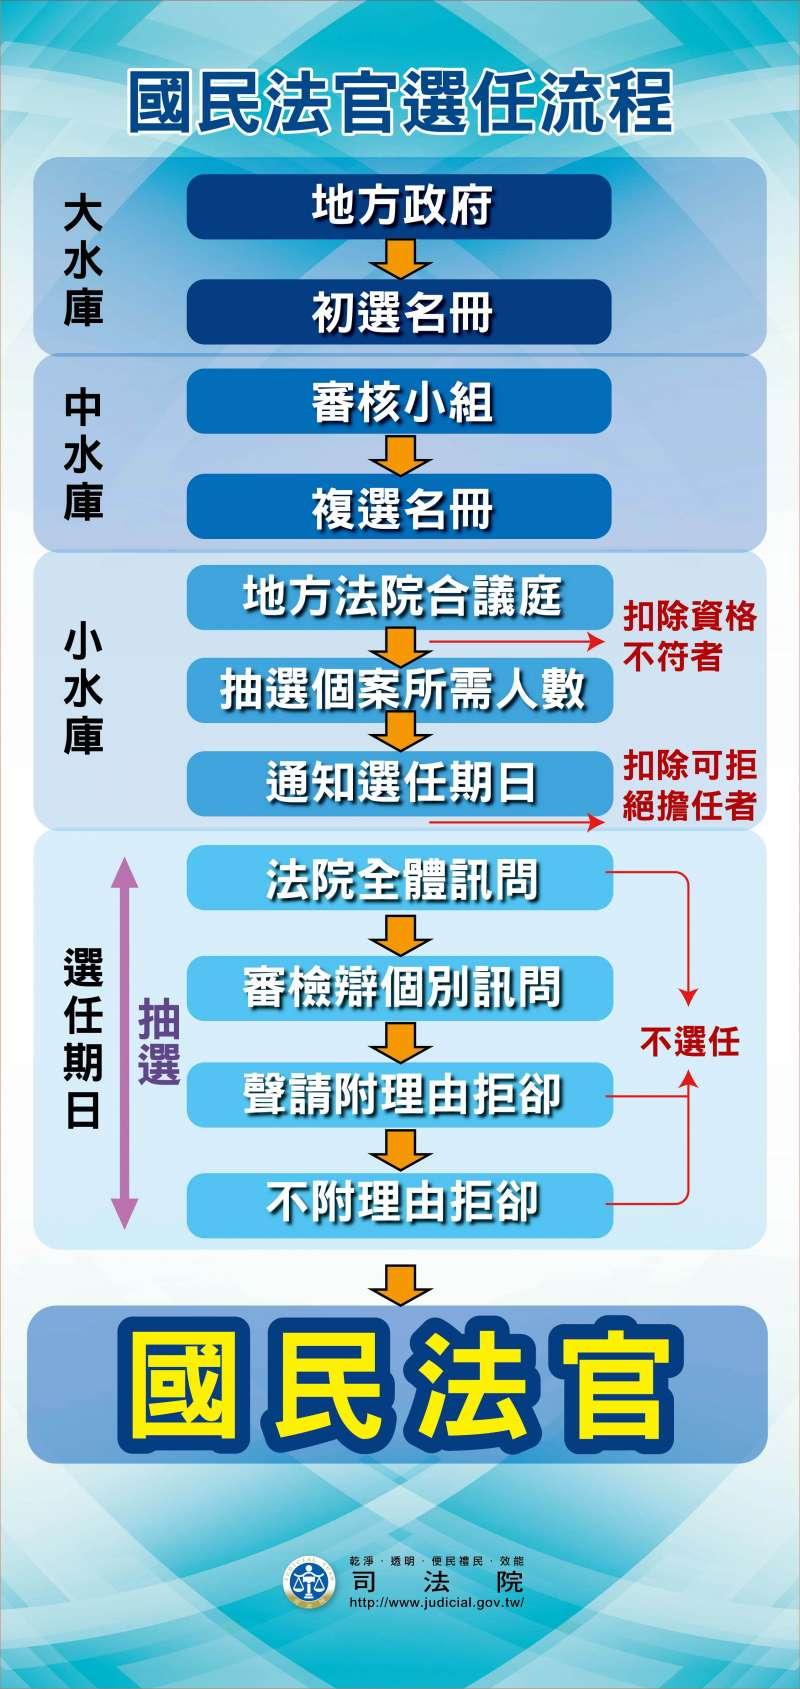 國民法官選任流程。(司法院提供)